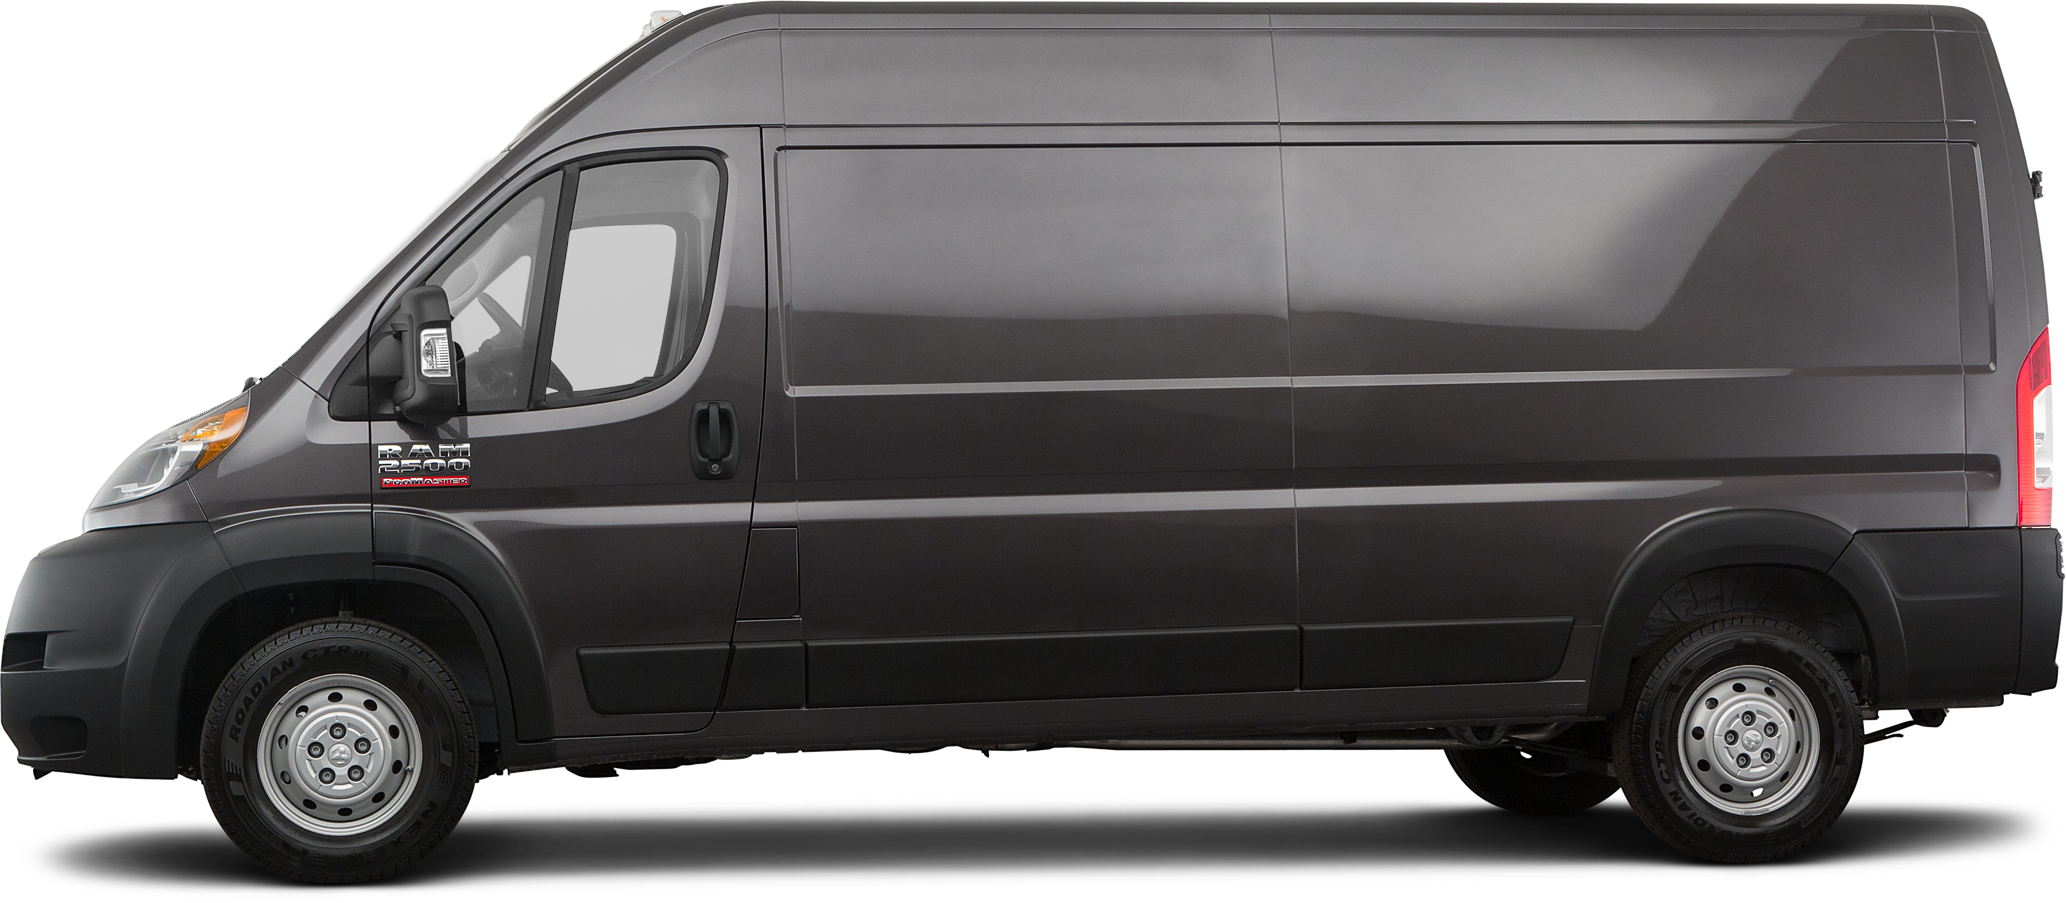 2019 Ram ProMaster 2500 Van High Roof